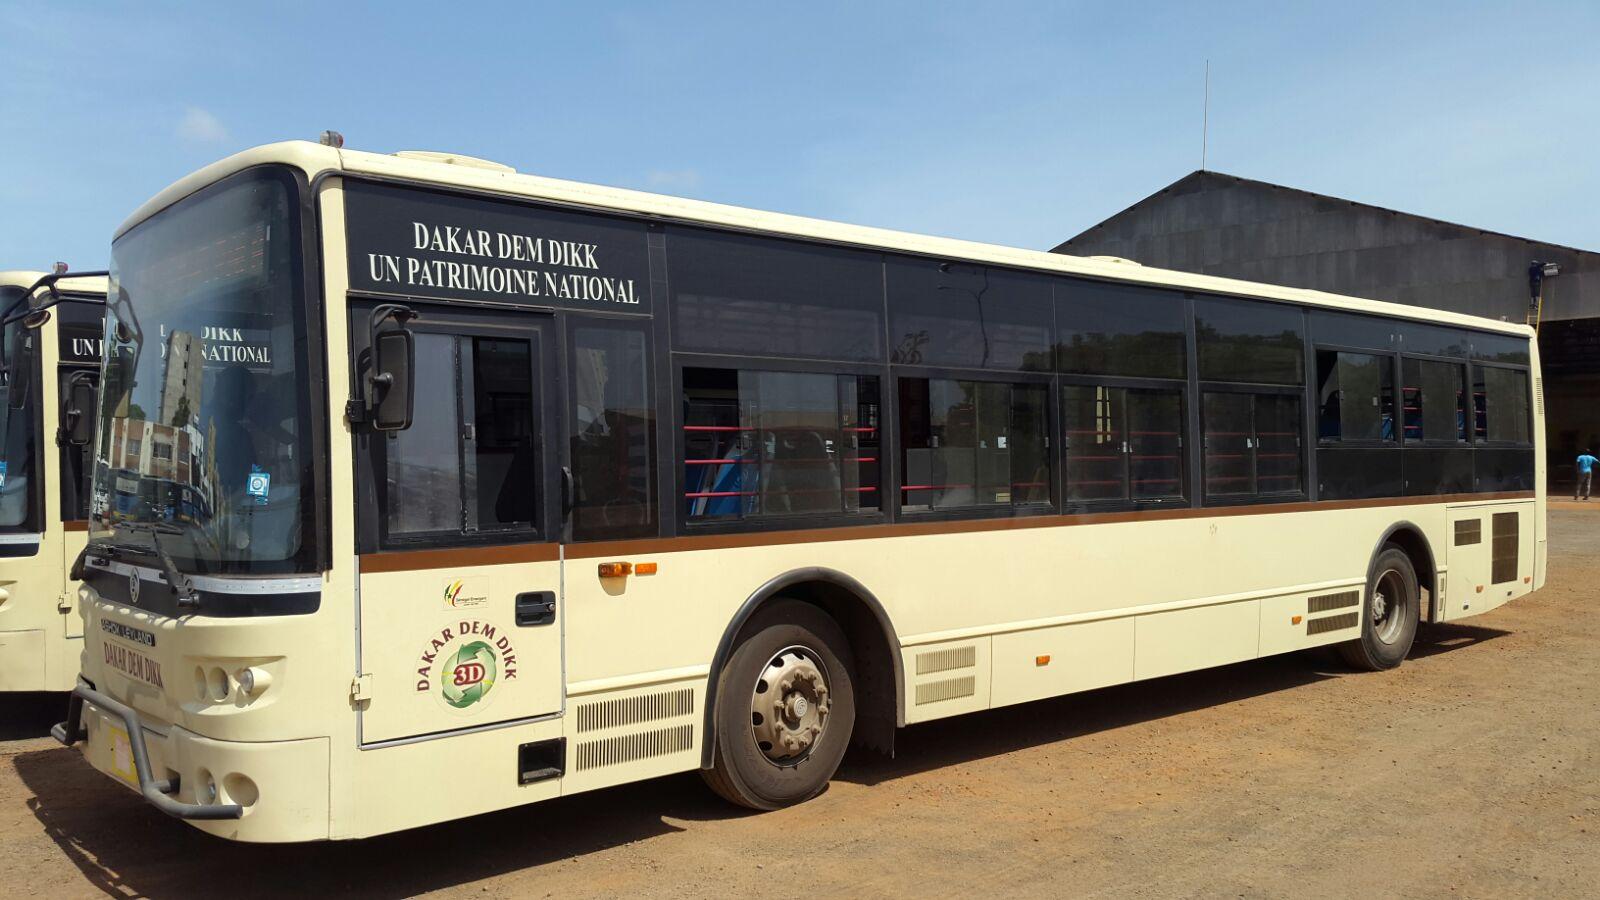 Renforcement du Parc de Dakar Dem Dikk : Les longues attentes au niveau des arrêts bus, bientôt un mauvais souvenir